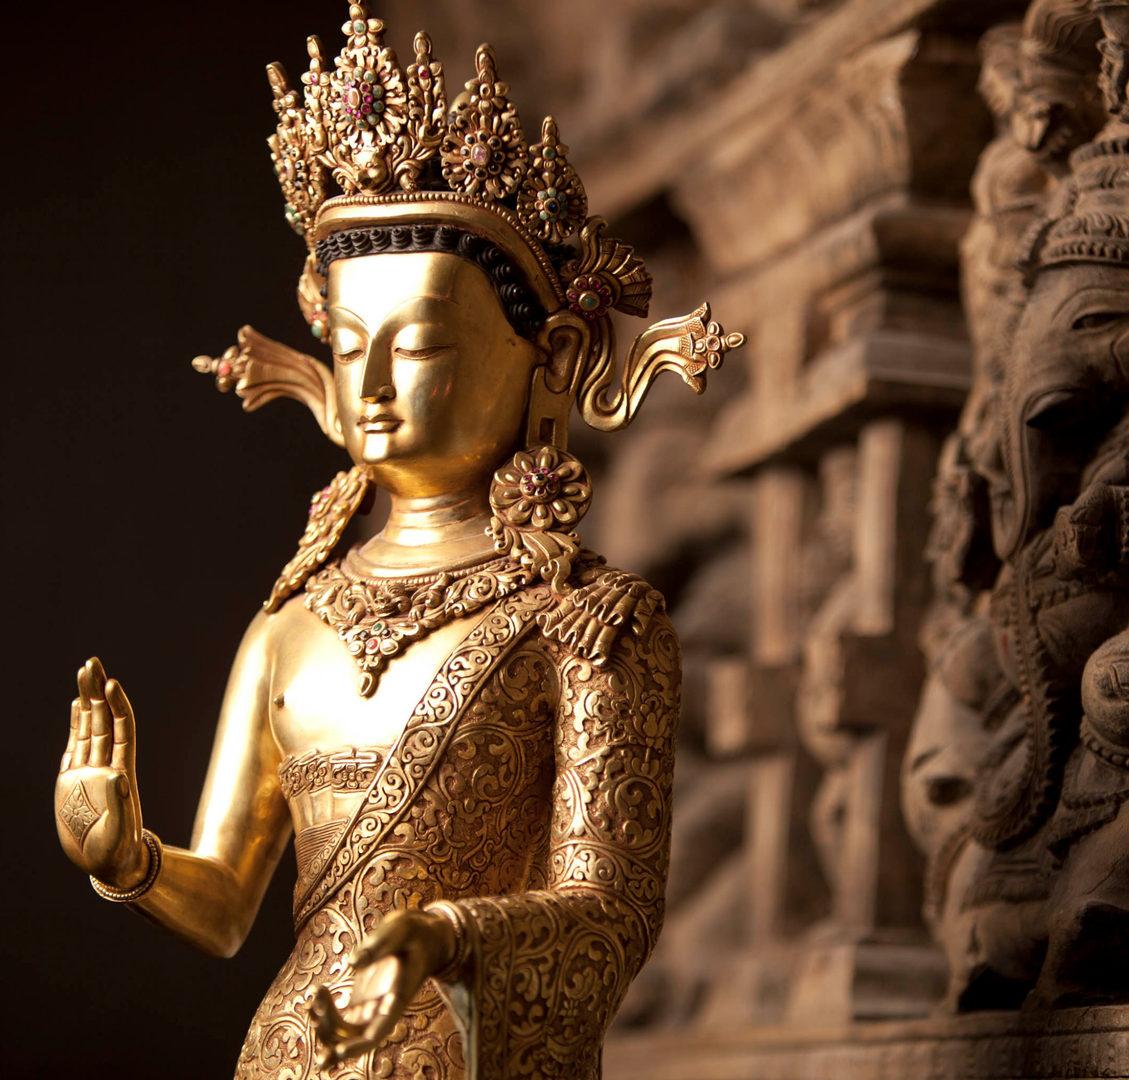 Cosibasar-Asiatika©mukherjee.jpg